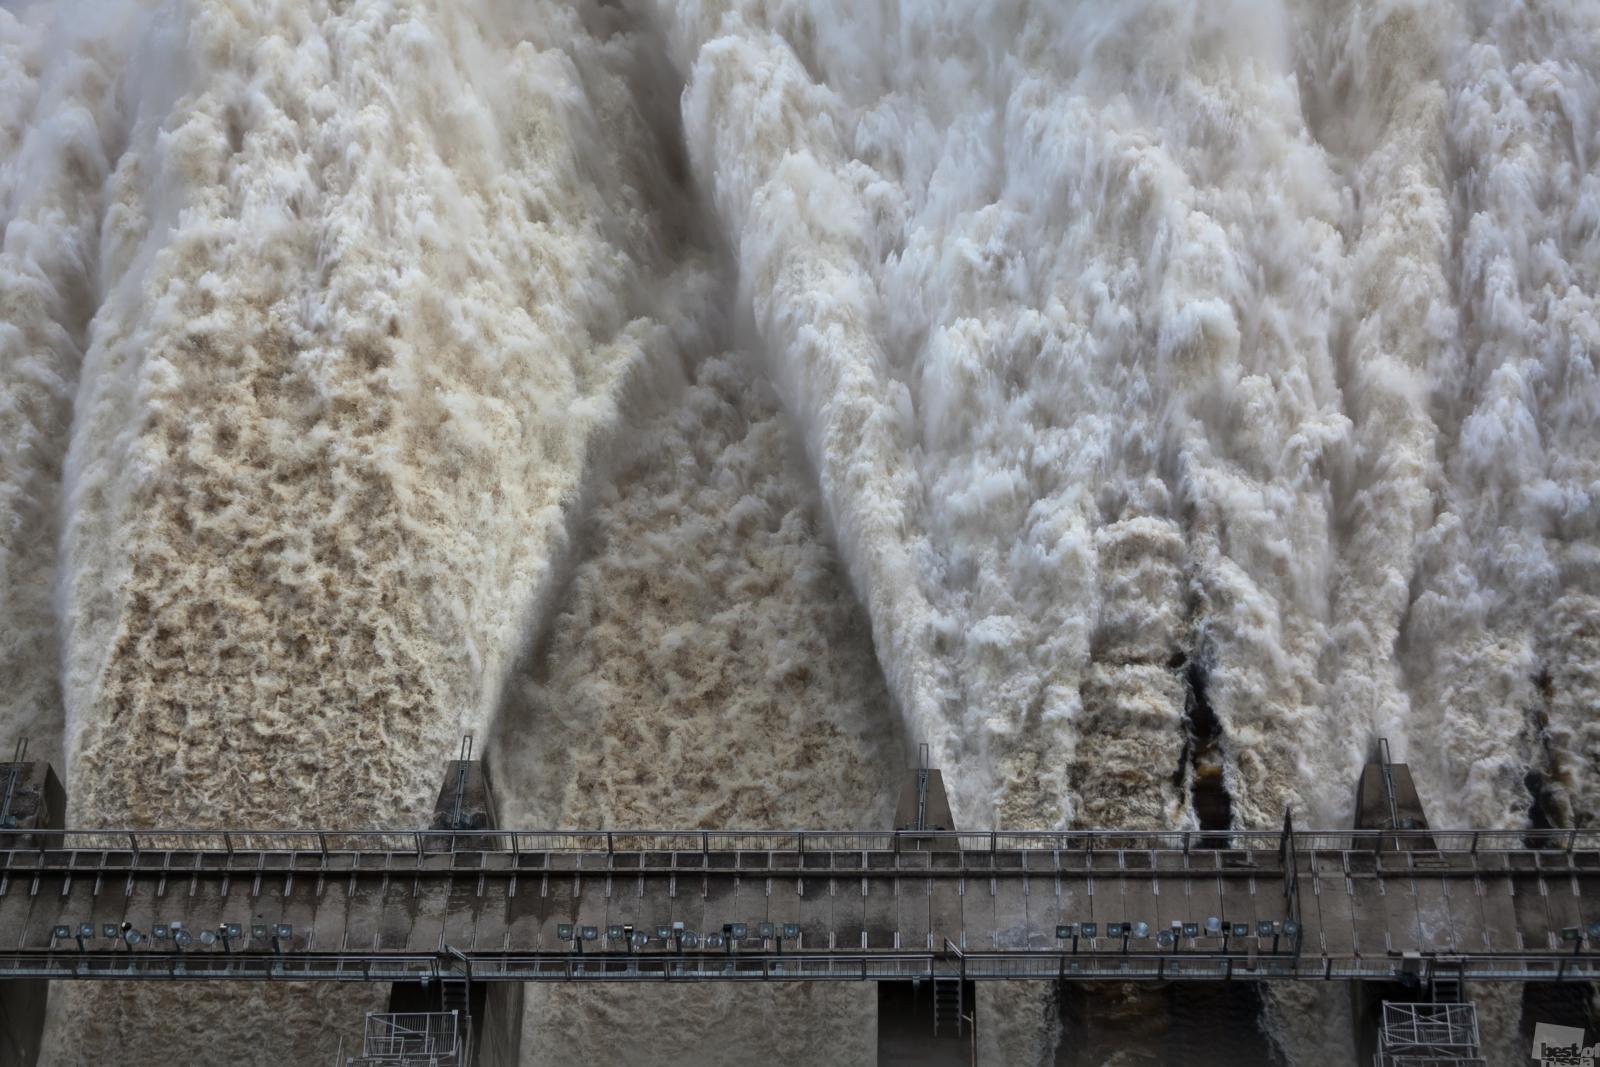 """RBTH präsentiert die Arbeiten der Finalisten von Russlands größtem Fotowettbewerb """"The Best of Russia 2013"""". Hier eine Auswahl aus der Rubrik 'Natur'. // Wasserfreisetzung am Sejskaja- Wasserkraftwerk während des Hochwassers in der Region Amur."""